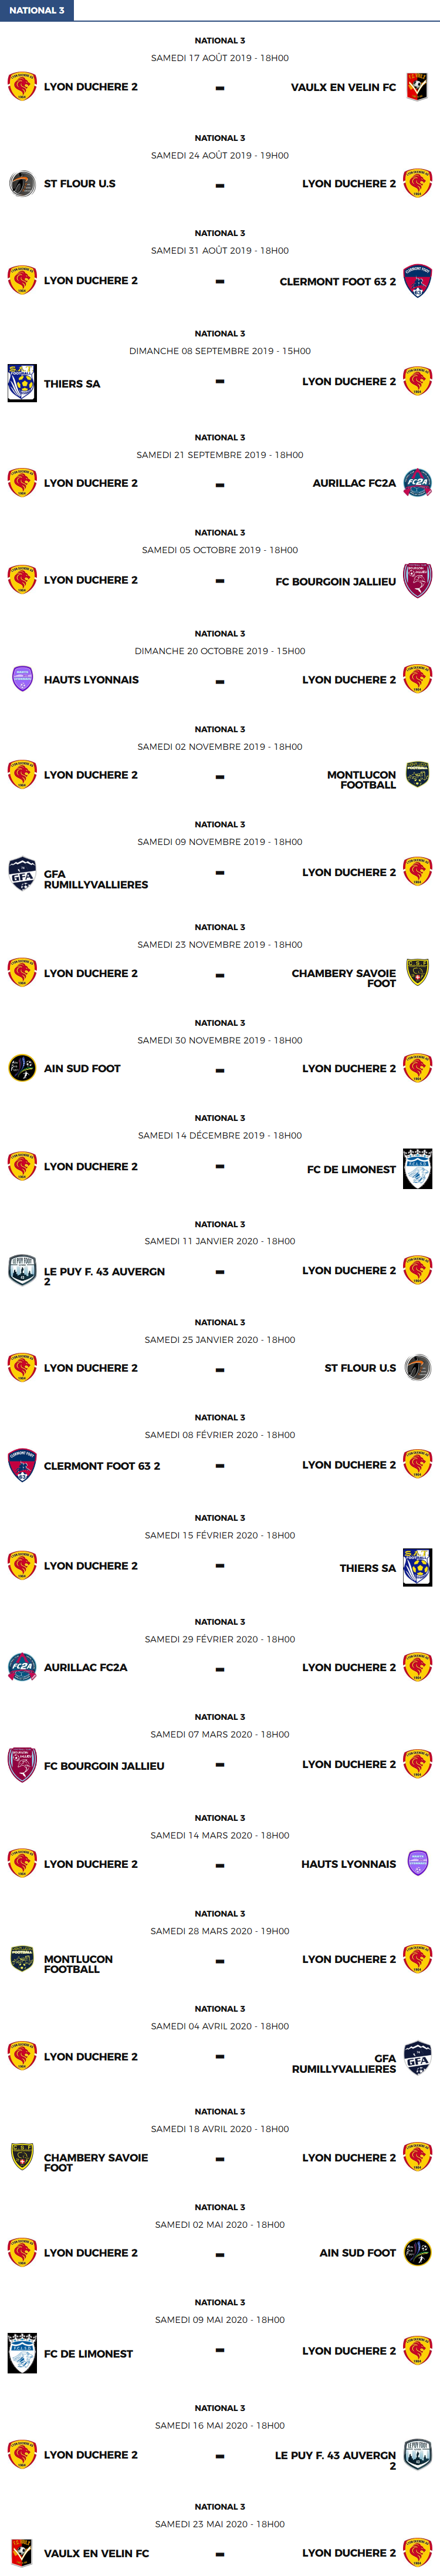 National 3 - Le calendrier des matchs de la réserve de Lyon Duchère AS